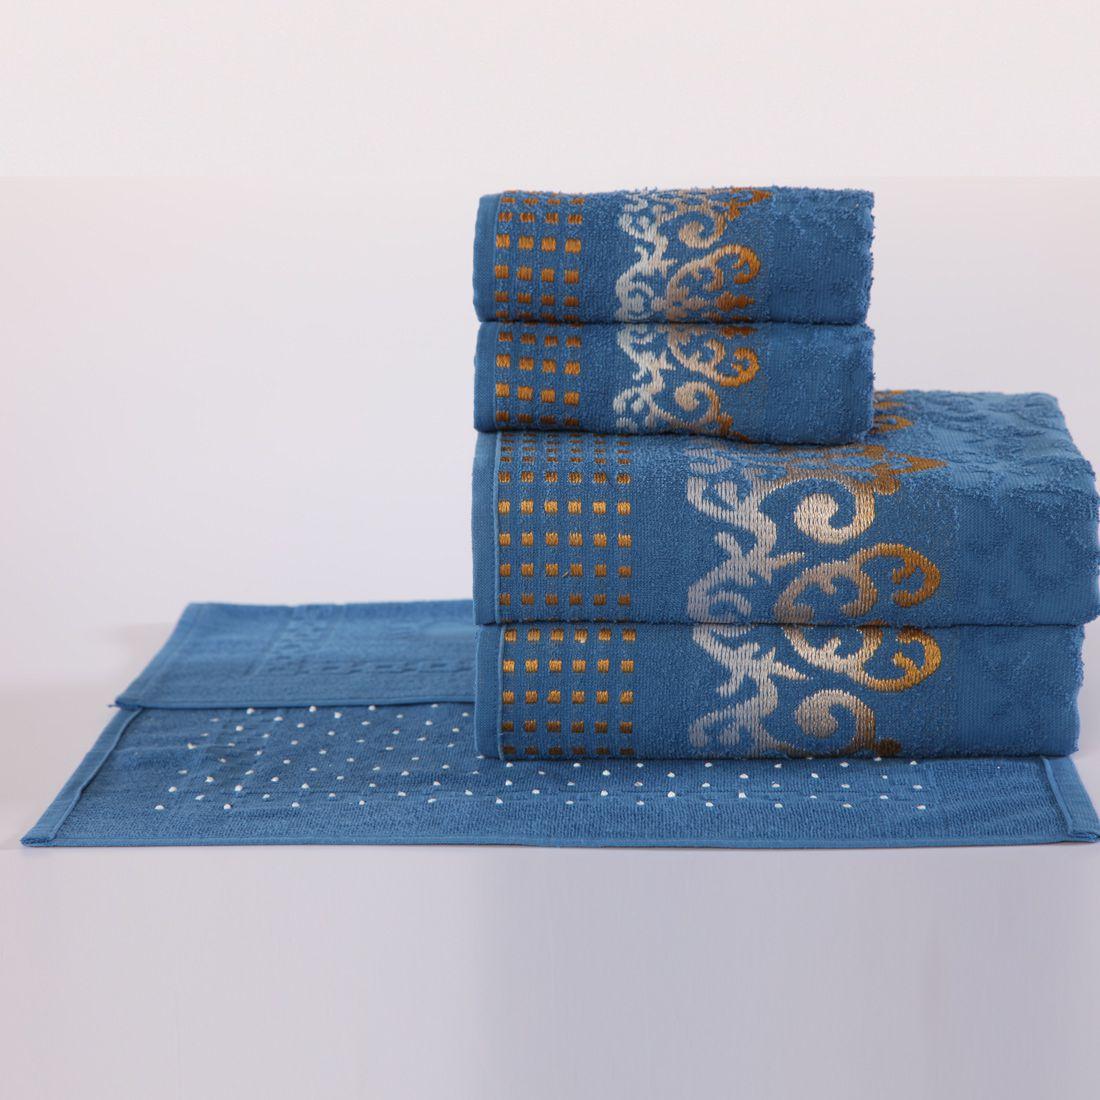 Jogo de Banho Sofisticata Azul Felpa 100% Algodão 480 g/m² - 05 Peças